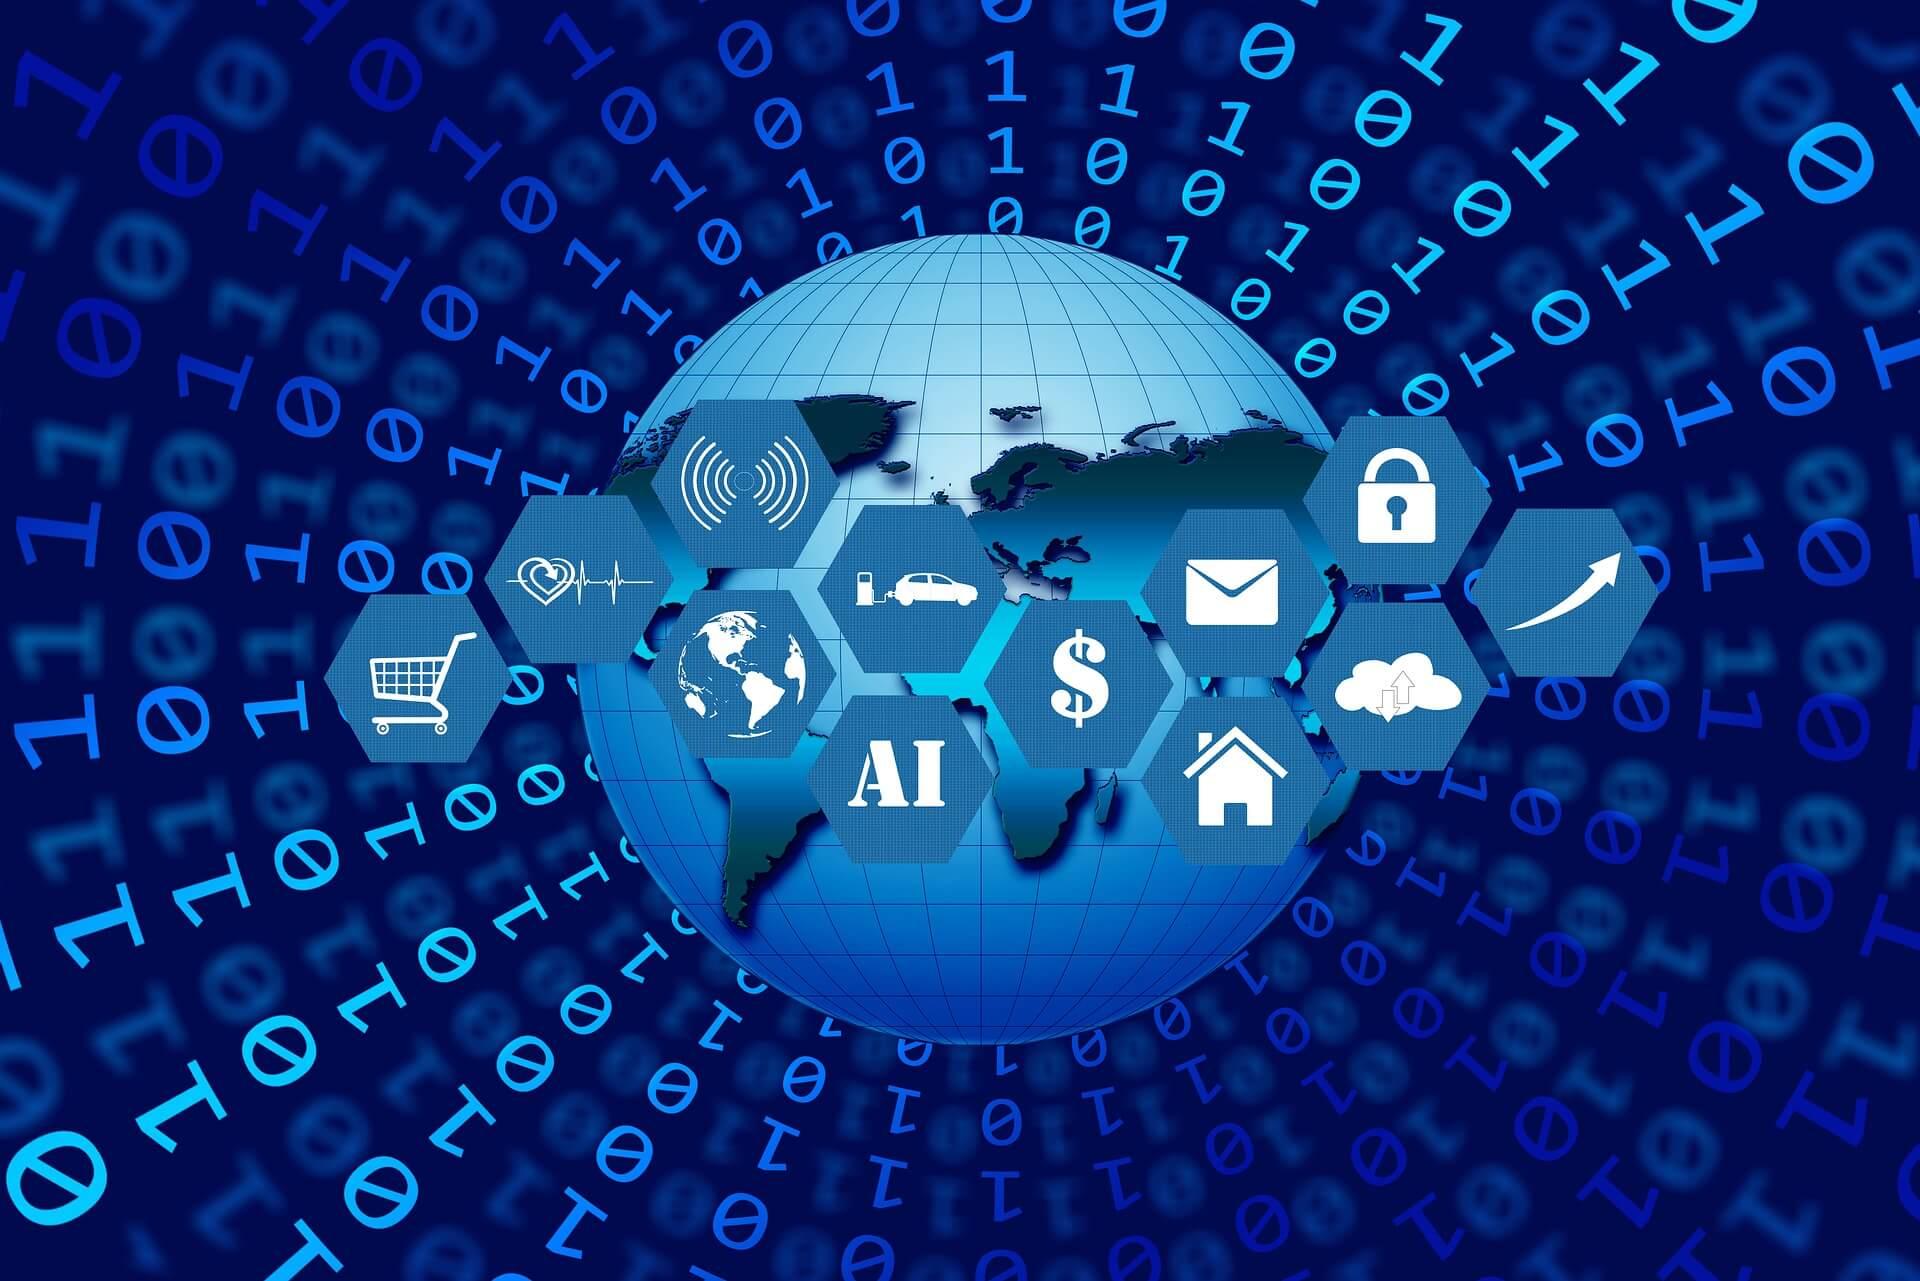 Inteligência Artificial é destaque no Mês da Ciência e Tecnologia